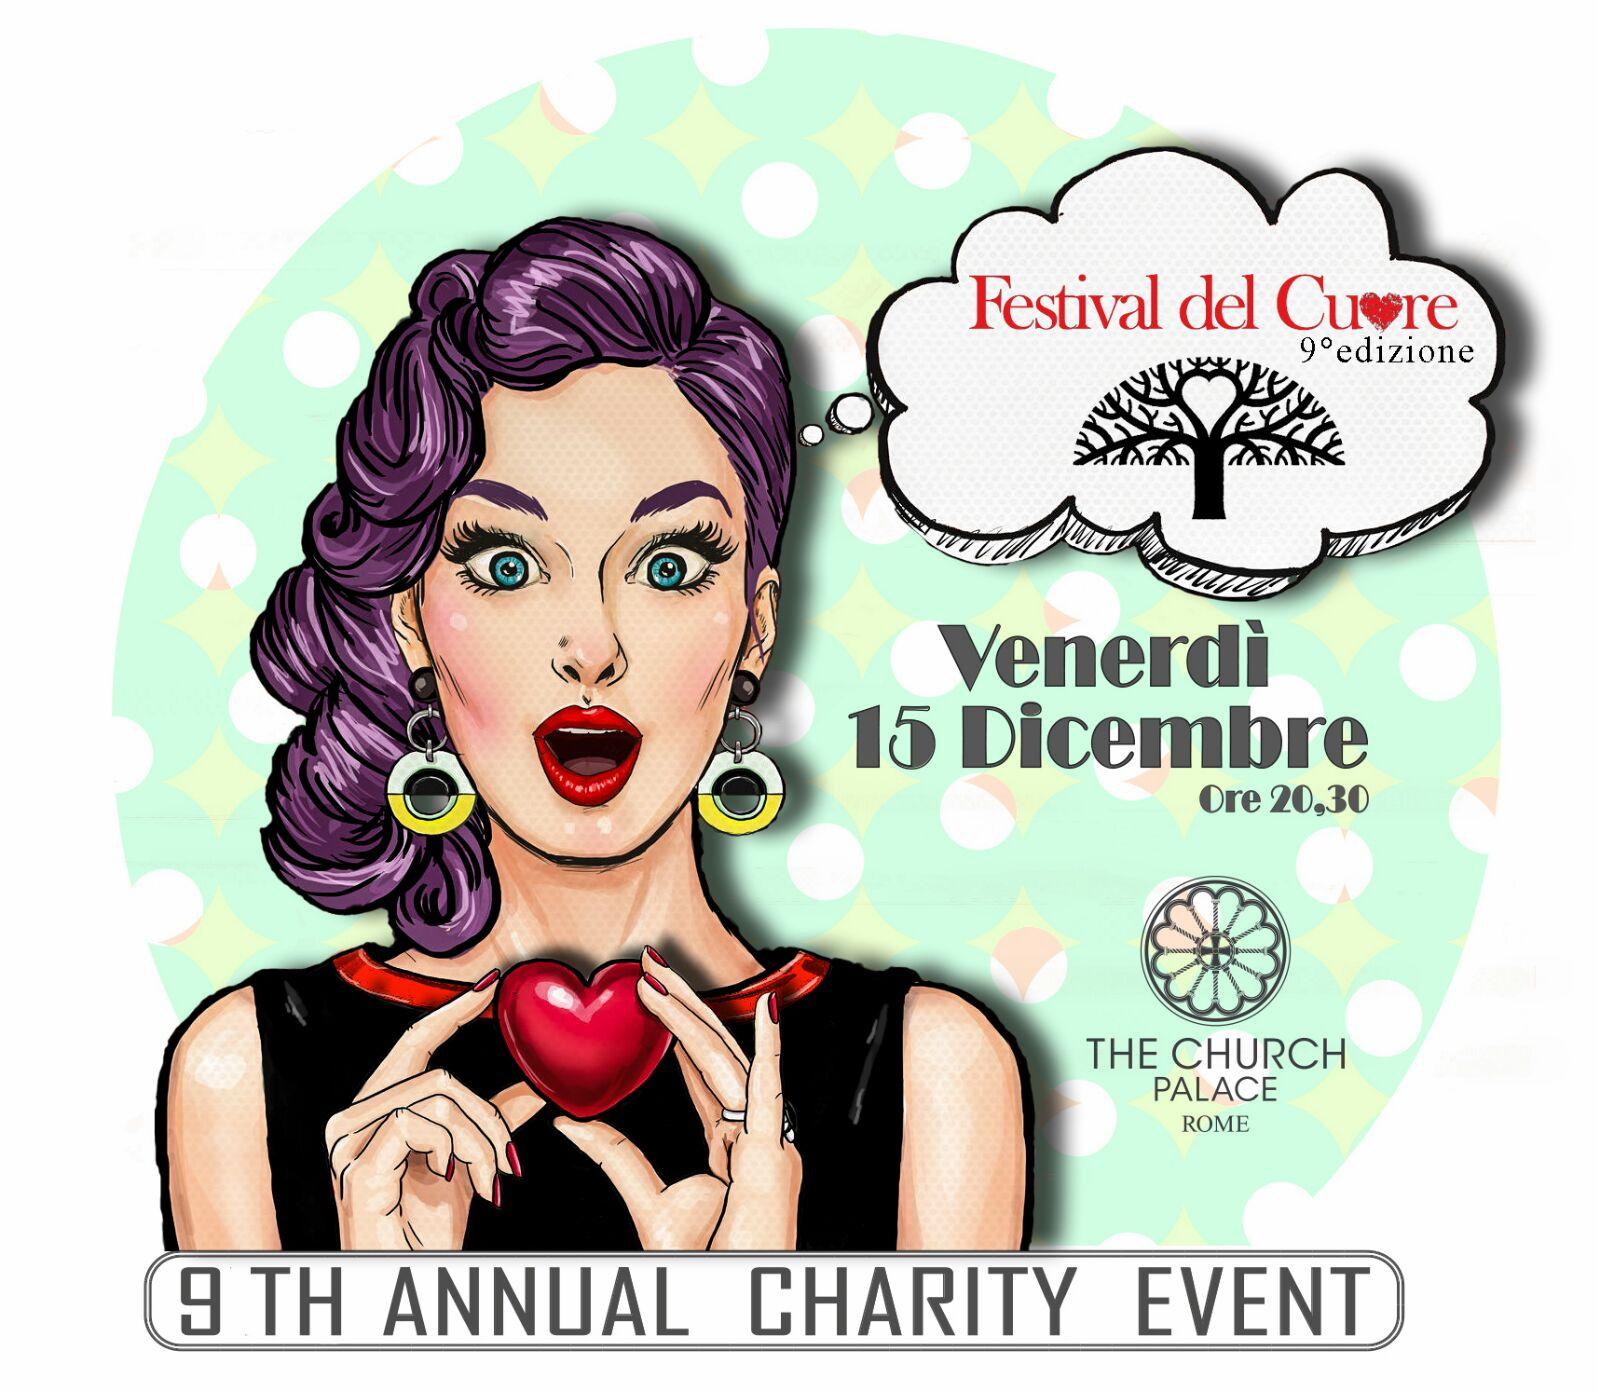 Il 9° Festival del Cuore